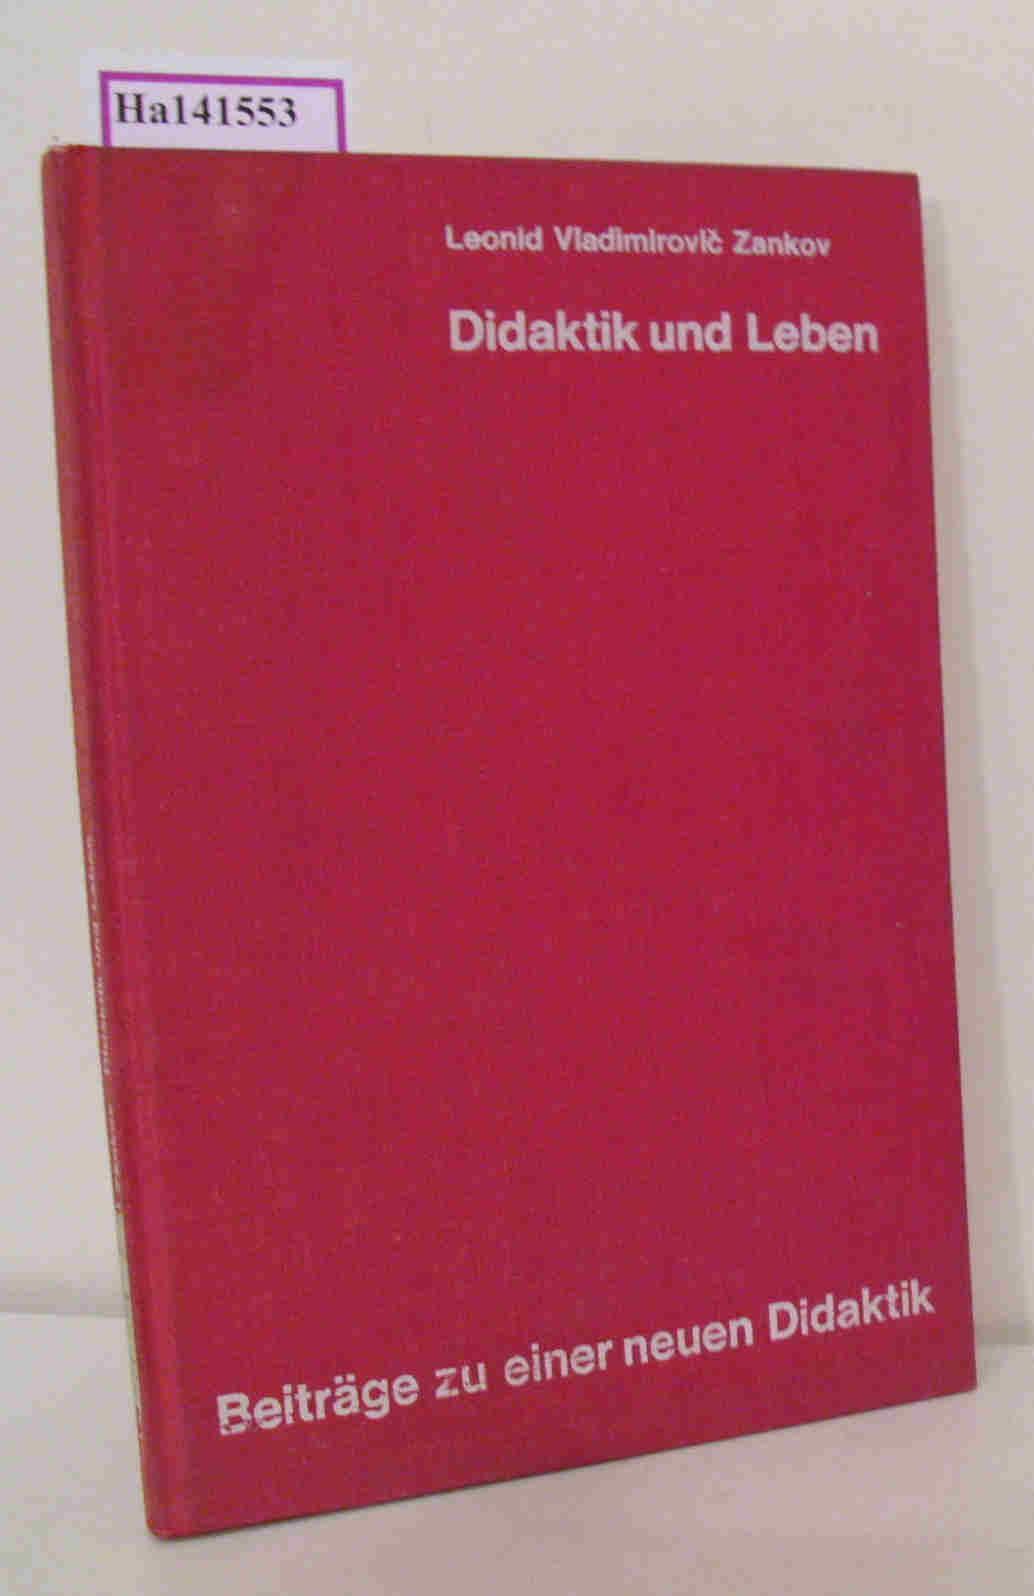 Didaktik und Leben. (Beiträge zu einer neuen Didaktik. Reihe A: Allgemeine Didaktik).